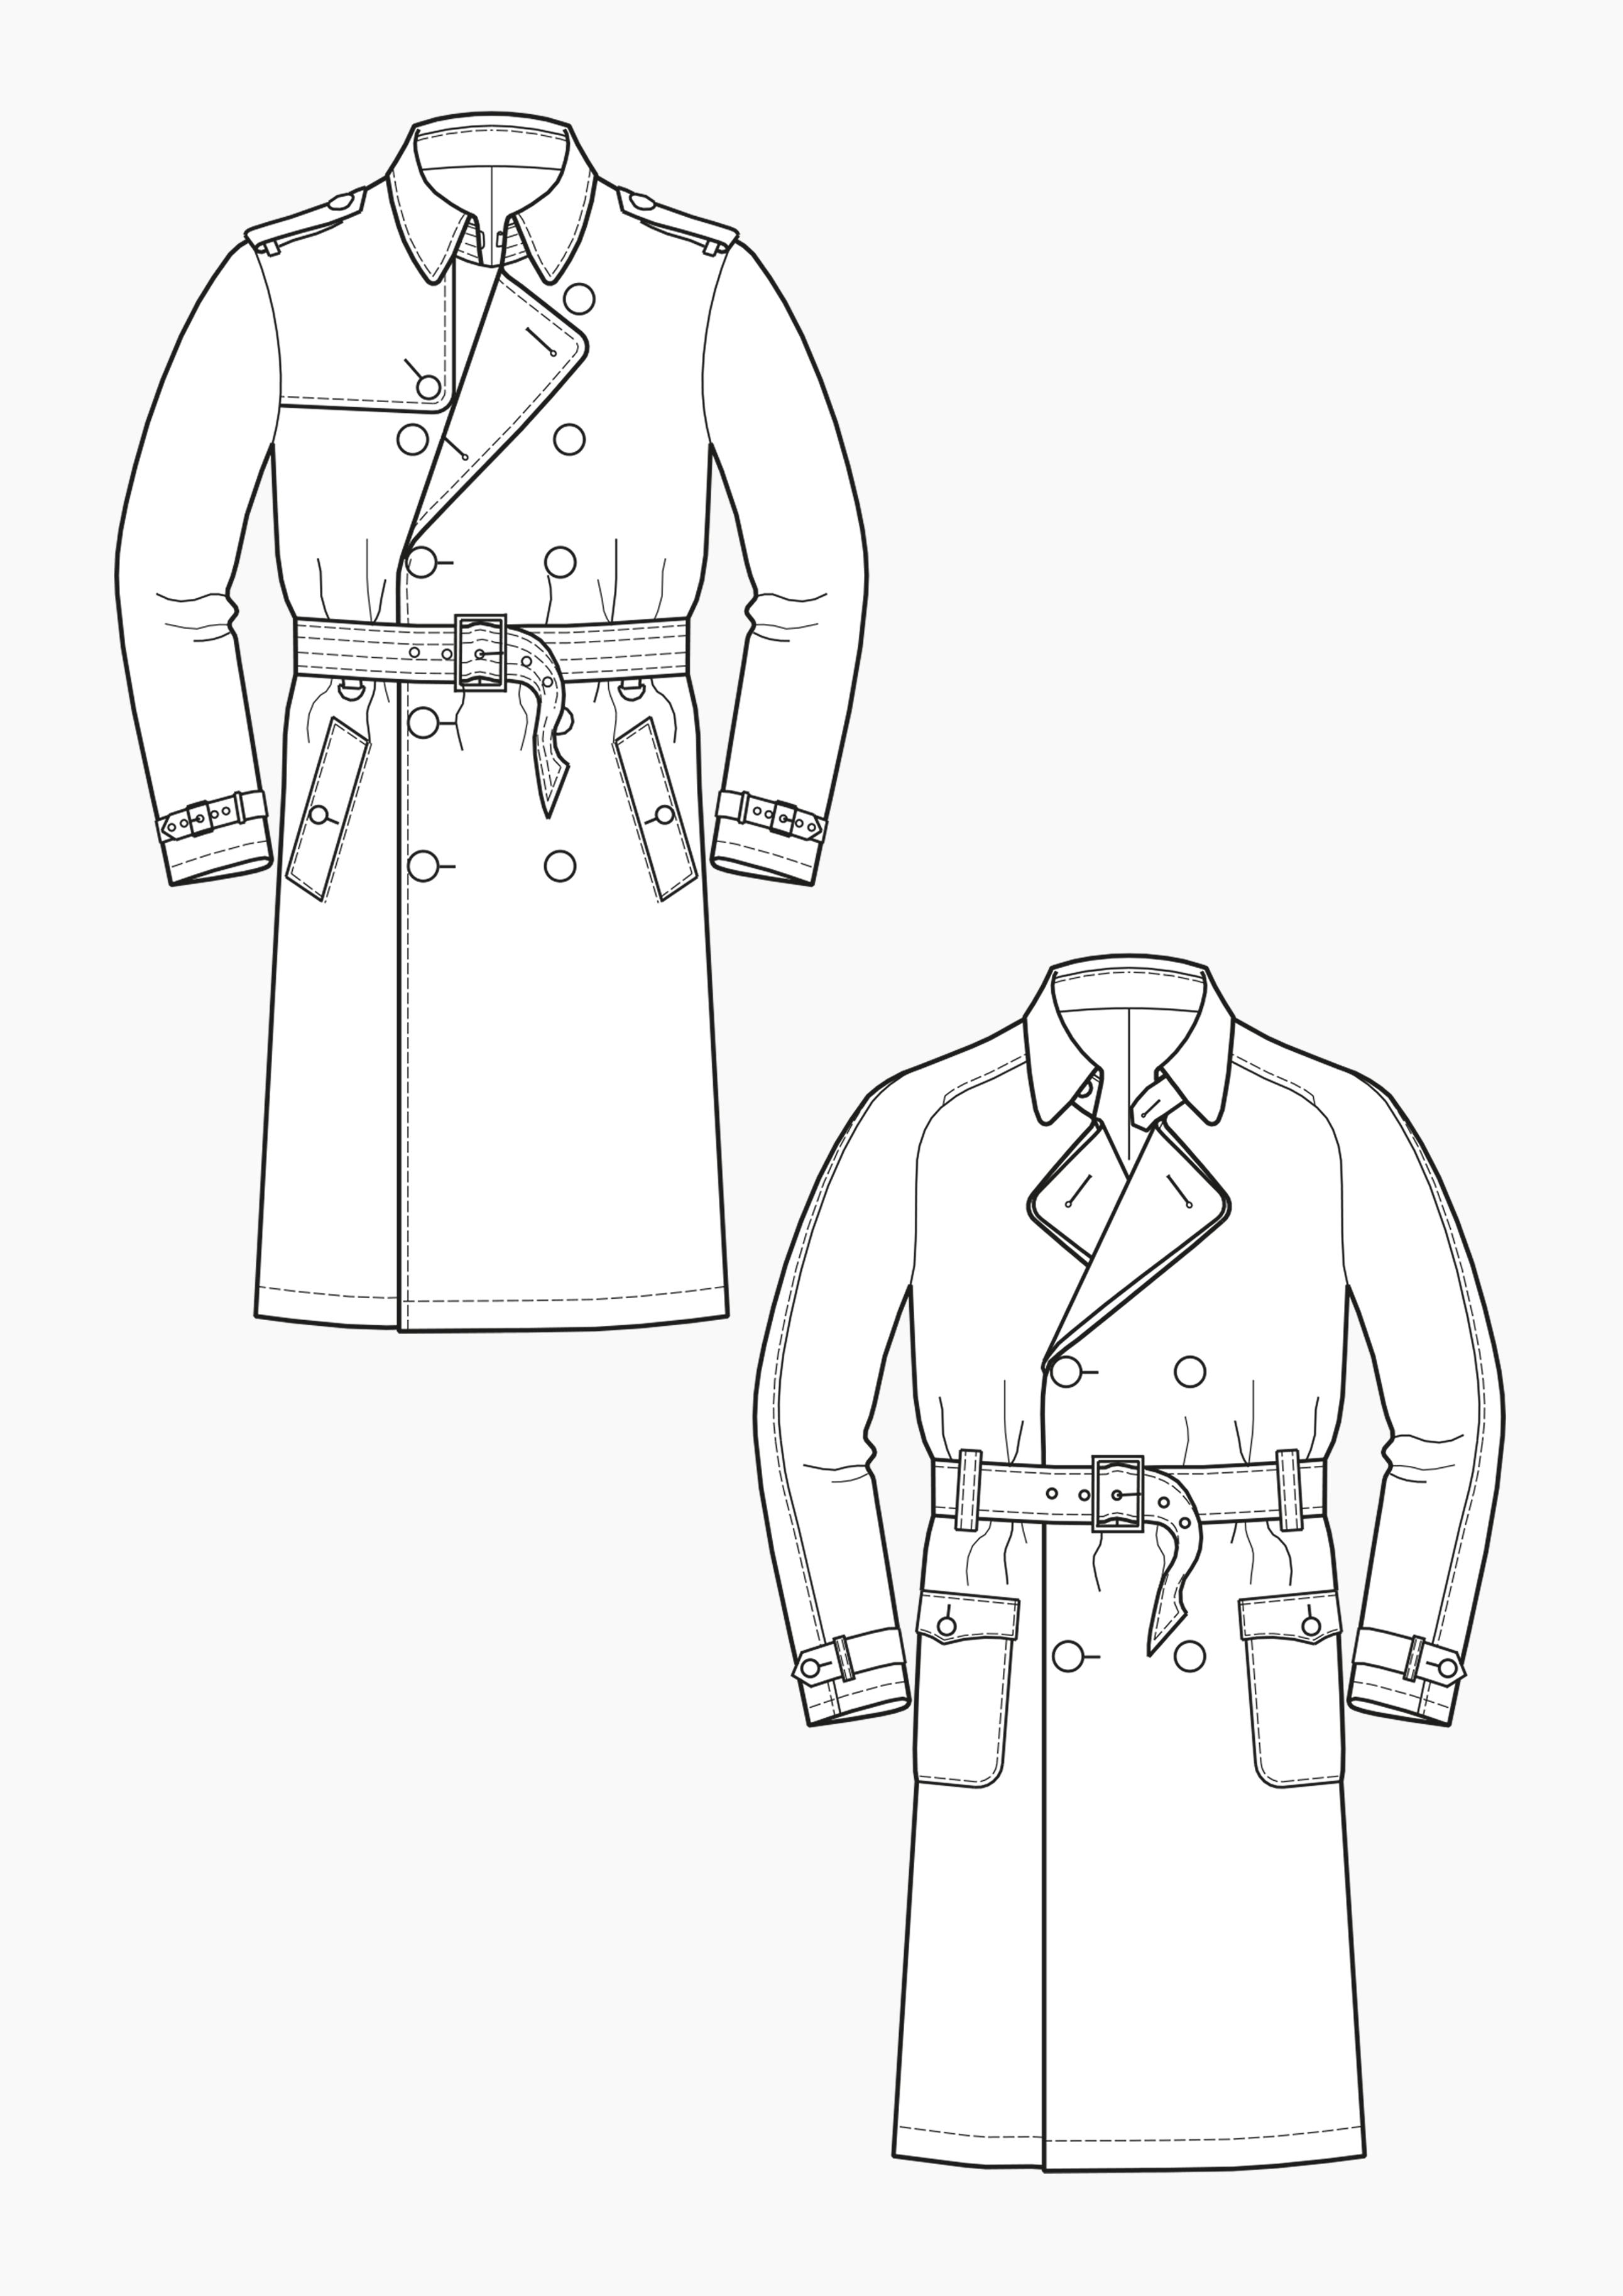 Produkt: Schnitt-Technik Trenchcoats für Herren